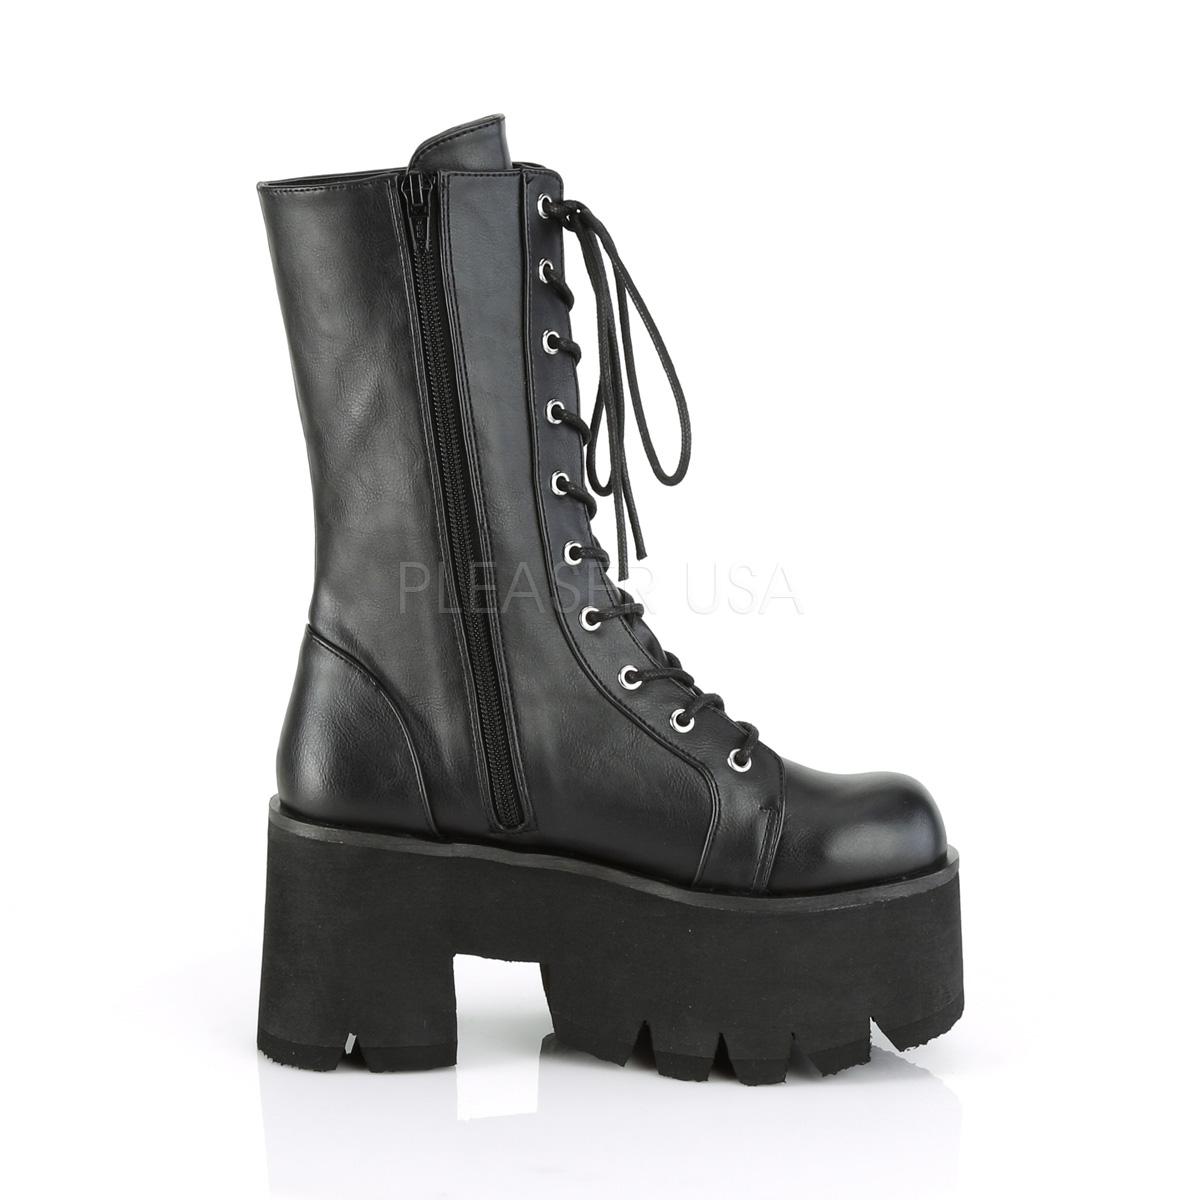 Demonia(デモニア) ASHES-105 厚底レースアップブーツ ミッドカーフブーツ サイドジップ有り つや消し黒 3 1/2inch Chunky Heel, 2 1/4inch PF◆取り寄せ